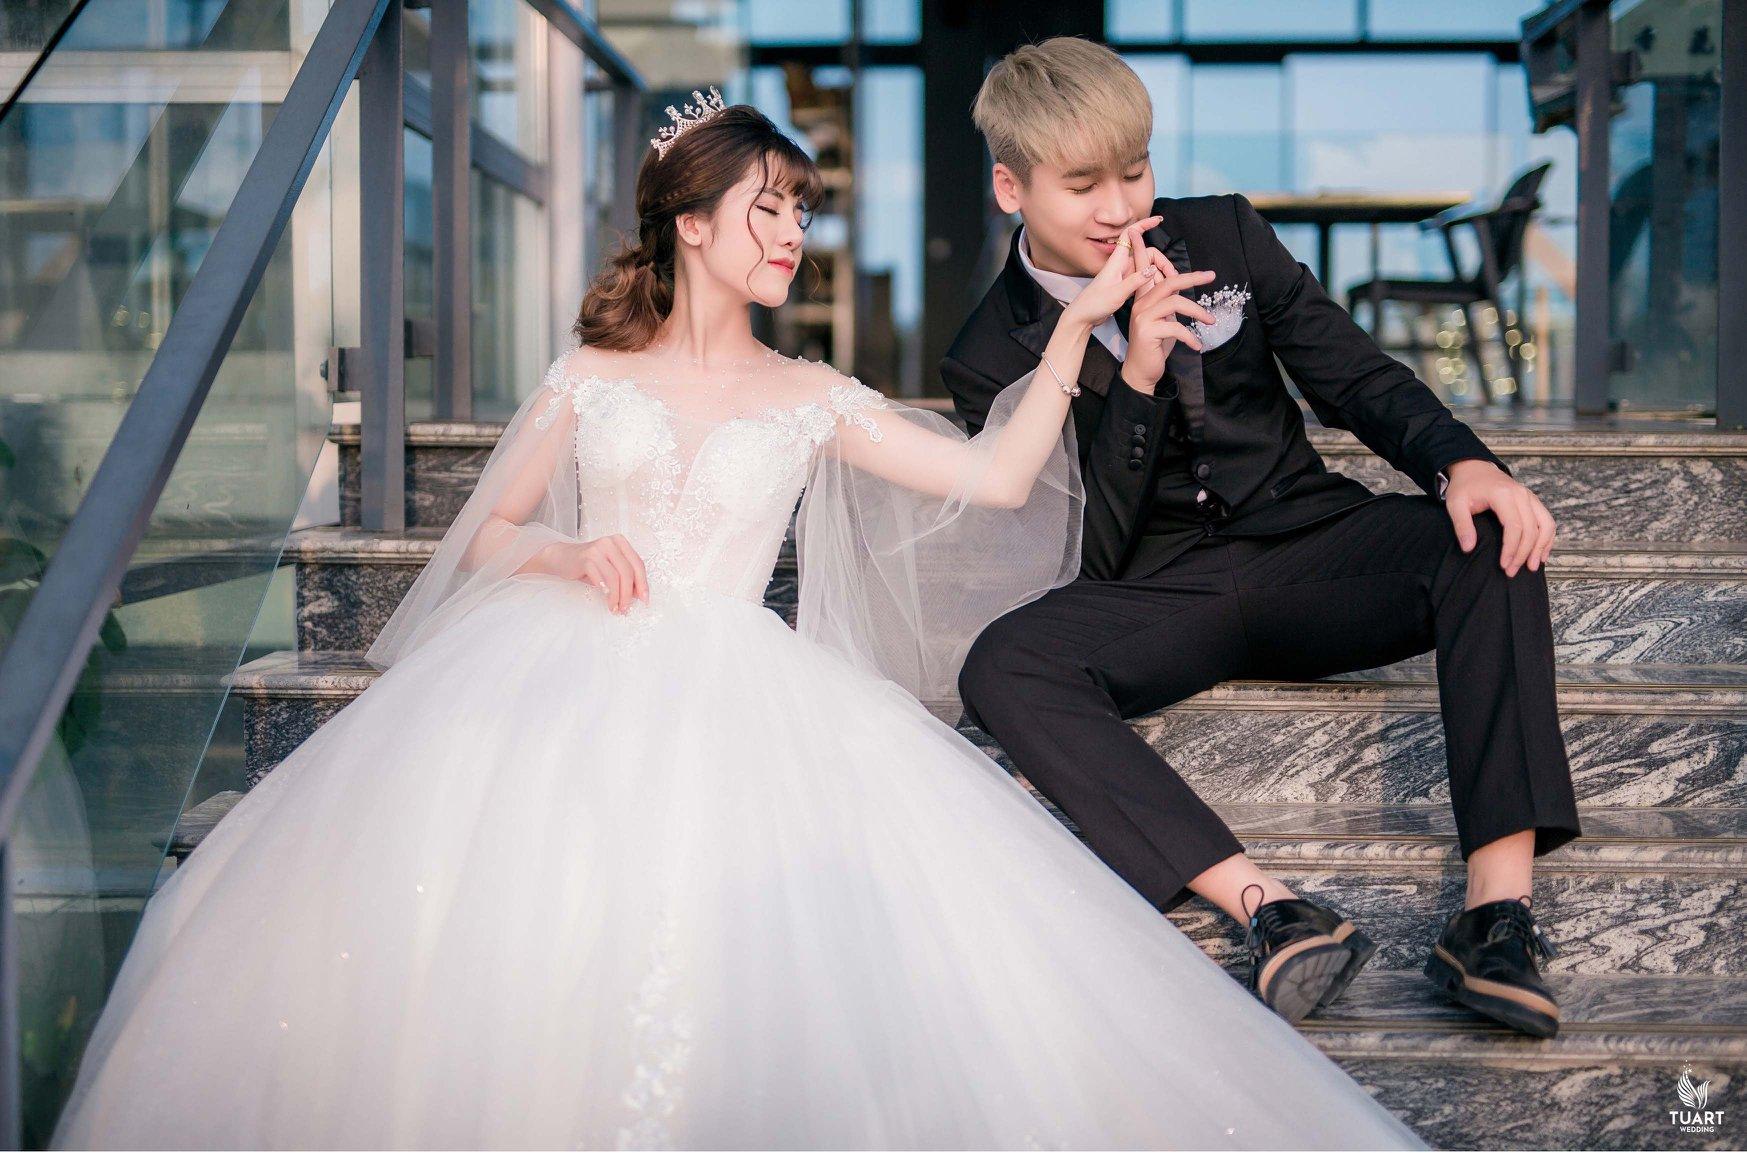 Xu hướng chụp ảnh cưới đẹp nổi bật 2018 – 2019